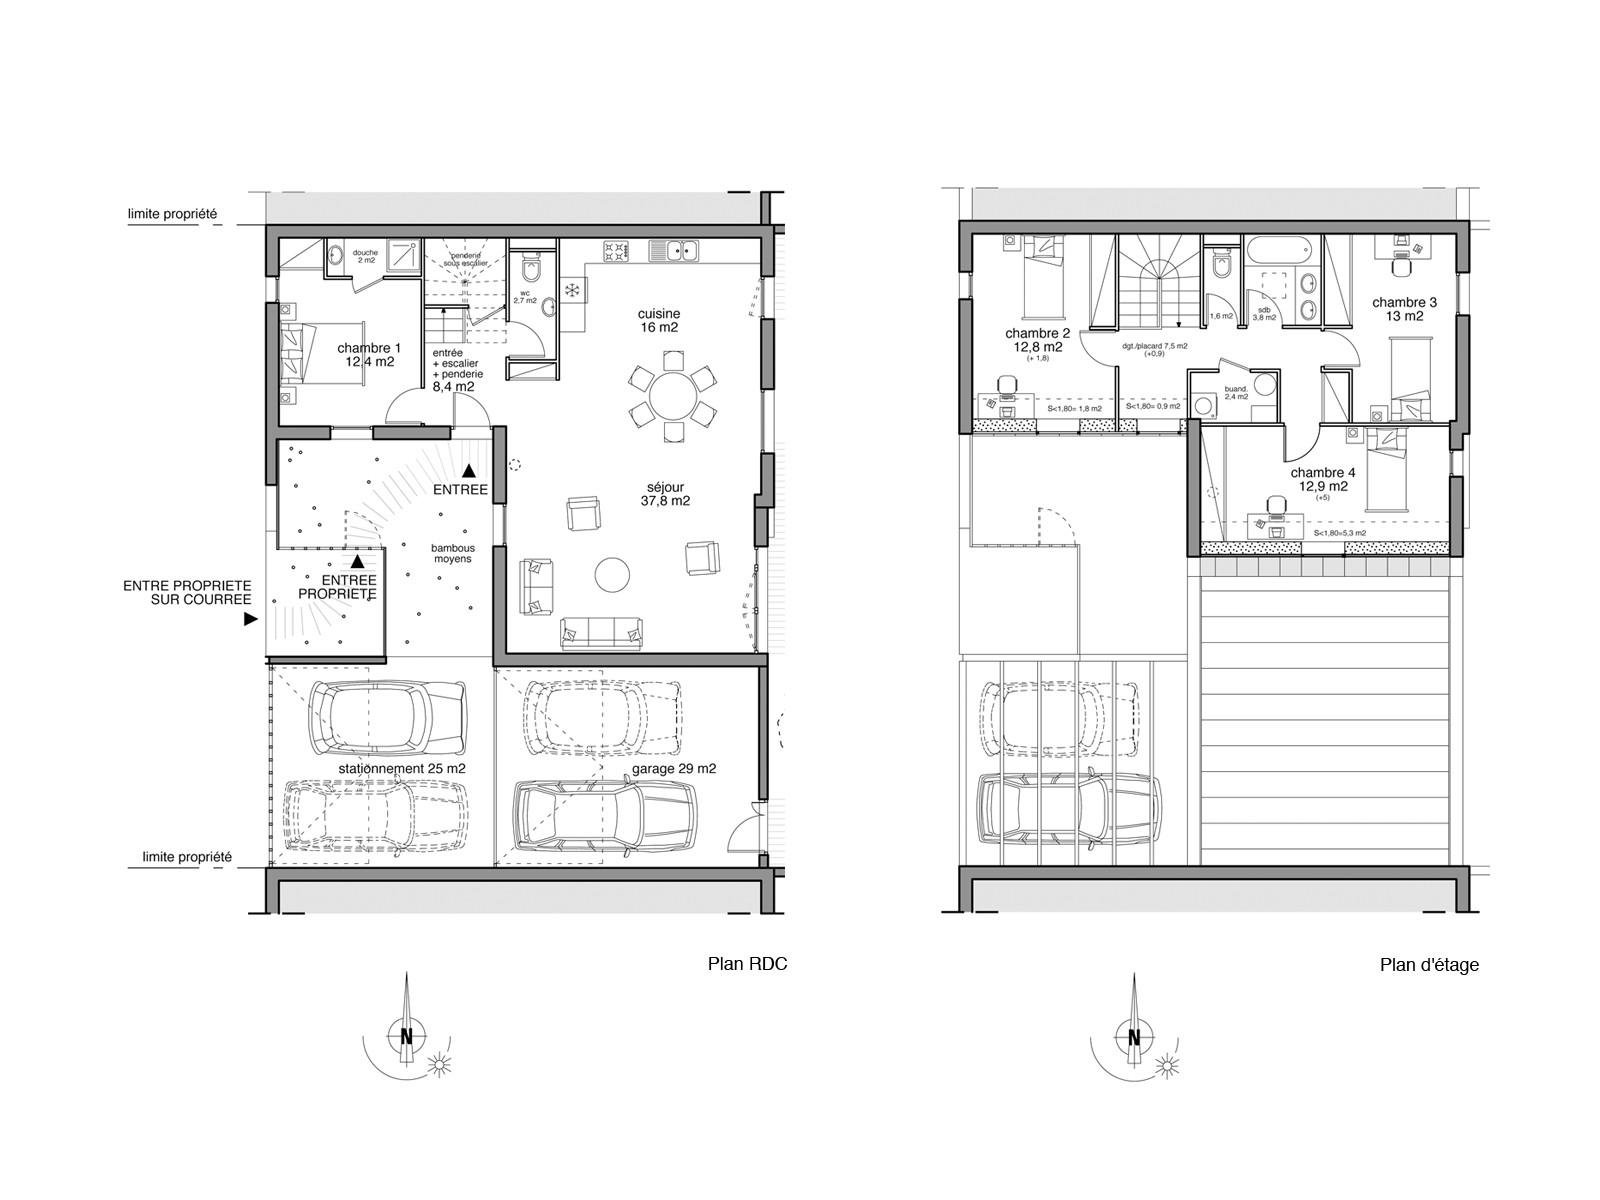 plan maison de ville mitoyenne perfect maison mitoyenne ct m with plan maison de ville. Black Bedroom Furniture Sets. Home Design Ideas